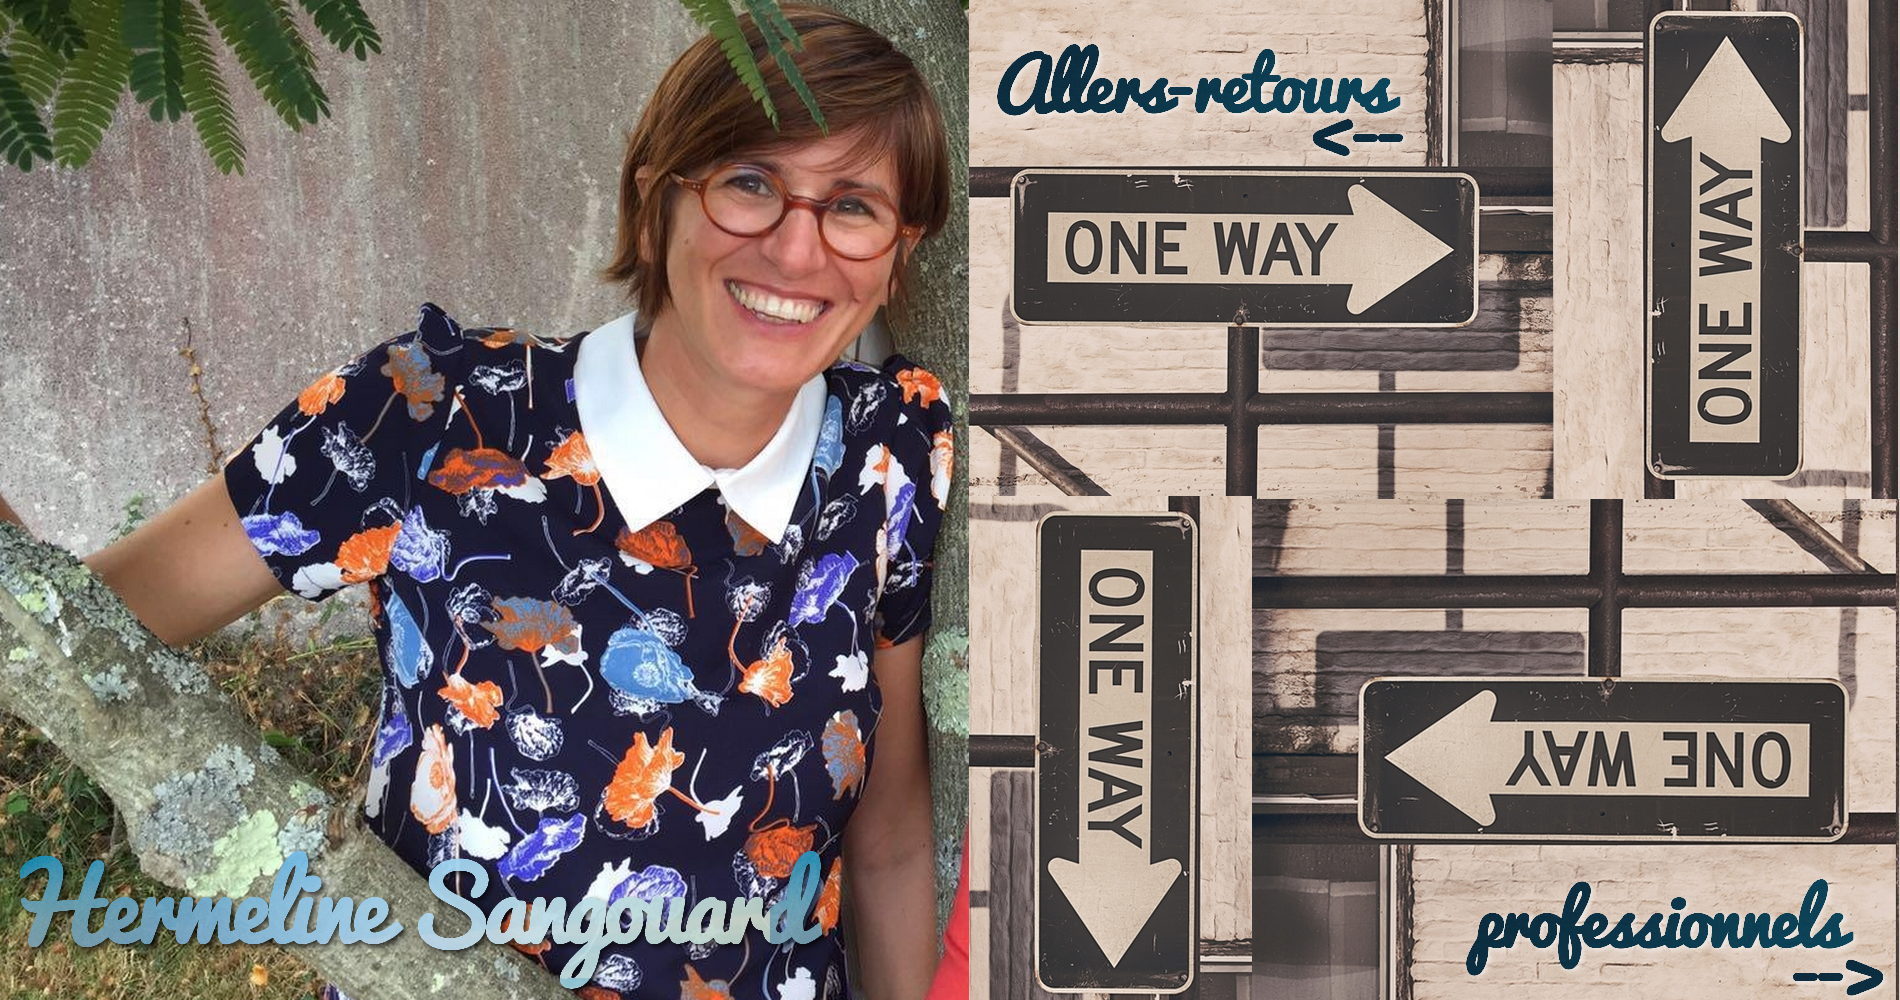 Hermeline Sangouard | Allers-retours professionnels